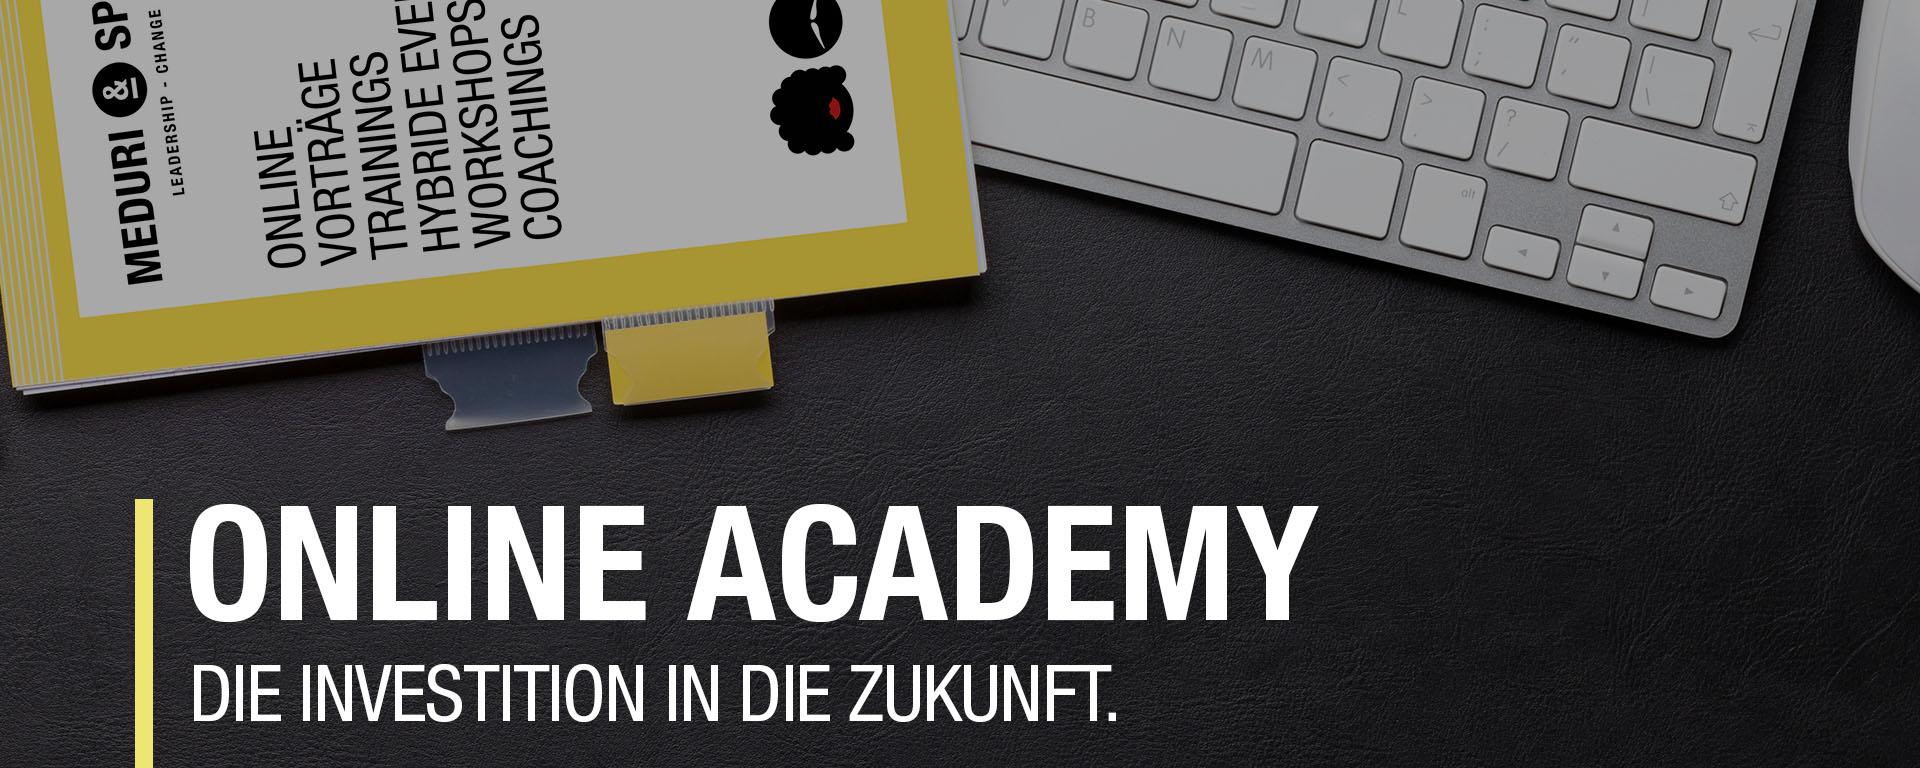 Online Academy, Digital Academy, Coaching Ausbildung online, E learning